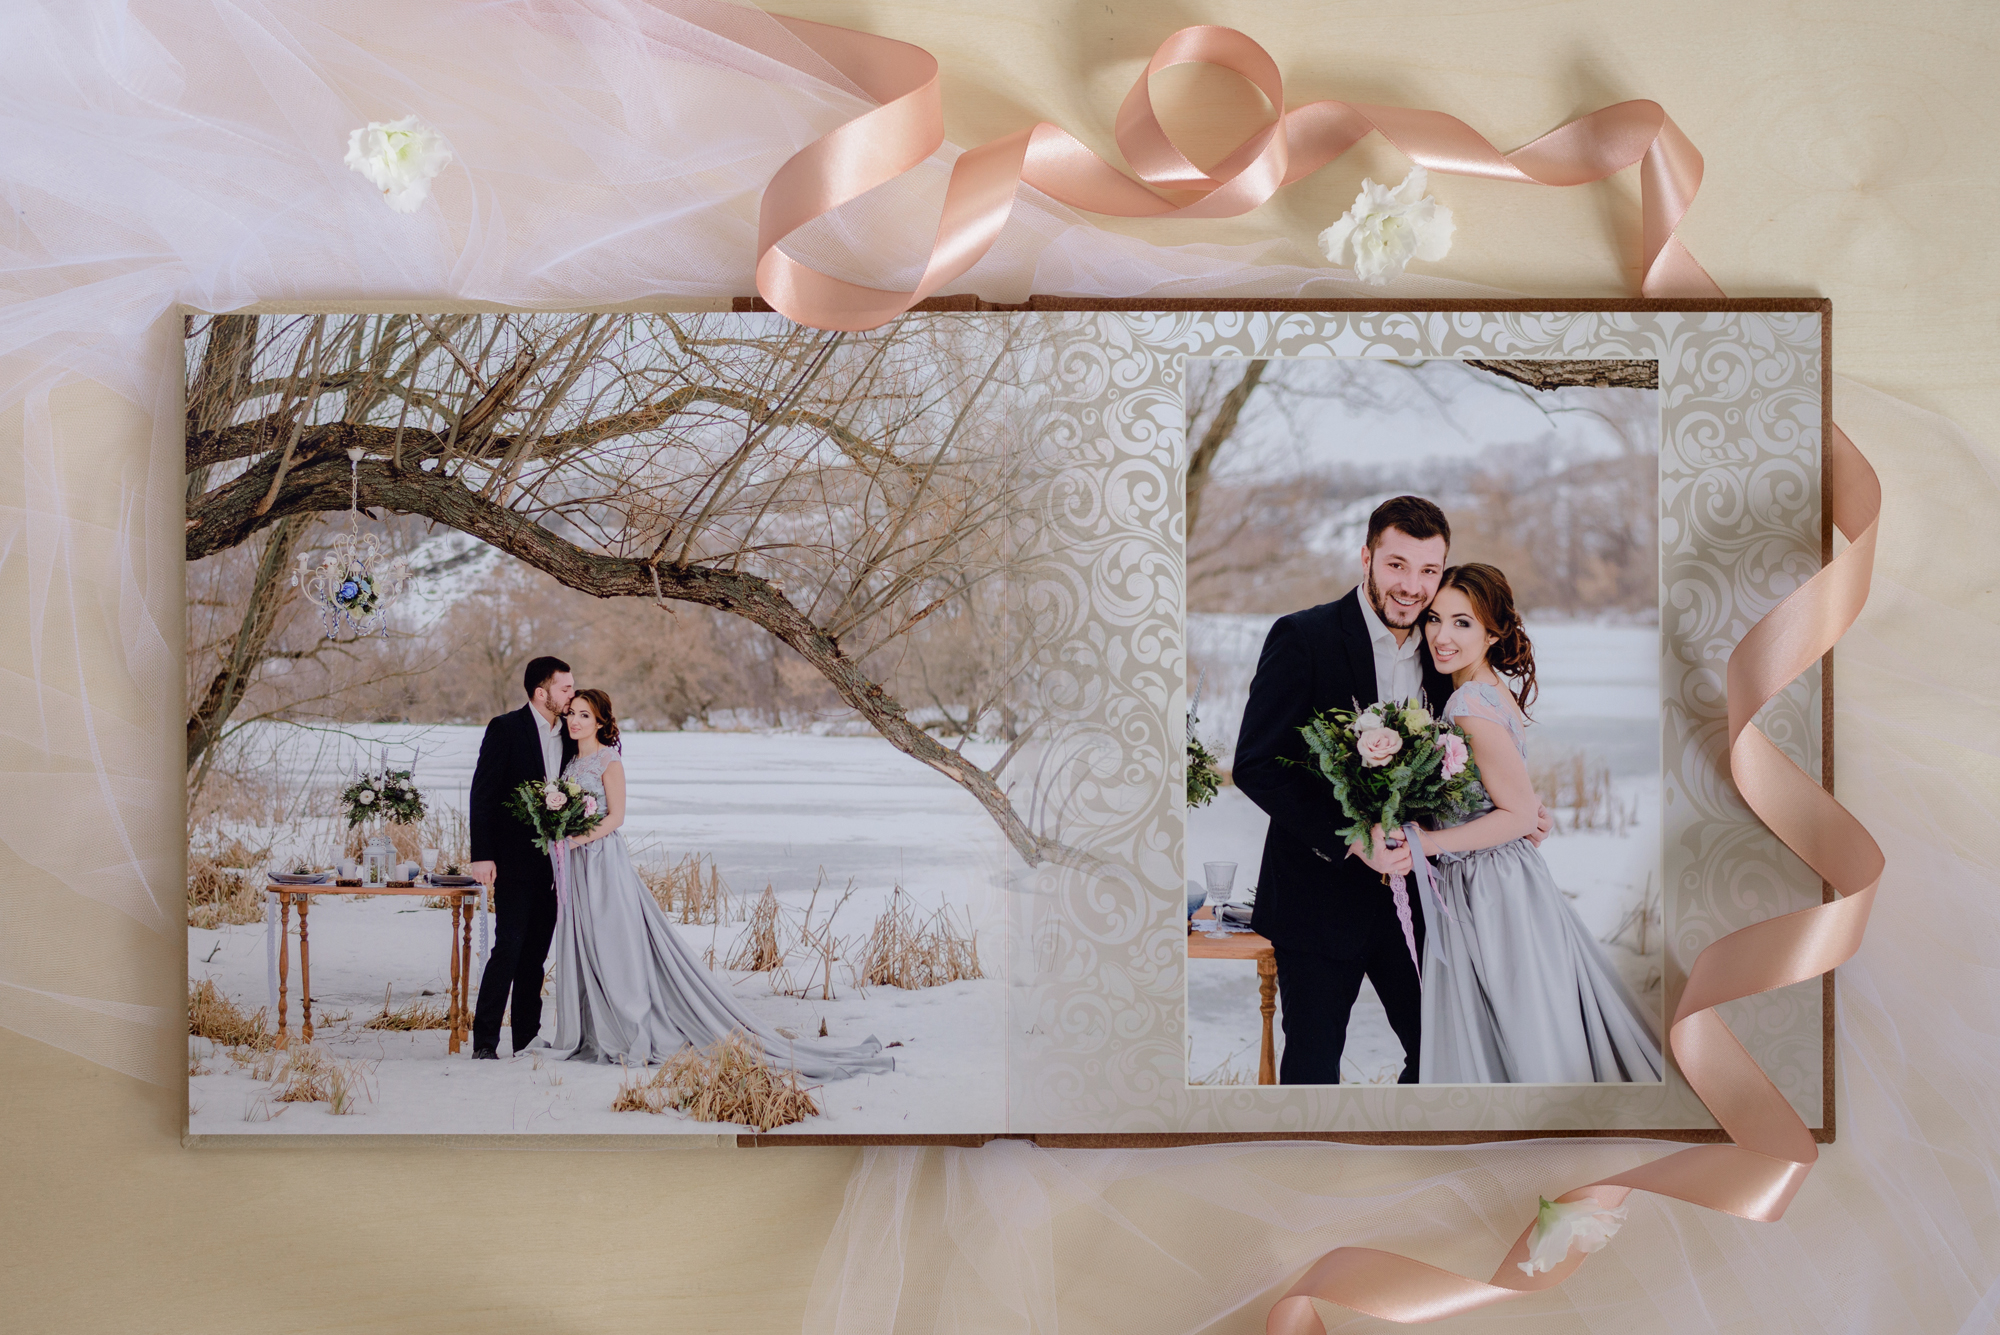 Изготовление свадебных фотоальбомов и фотокниг дешево